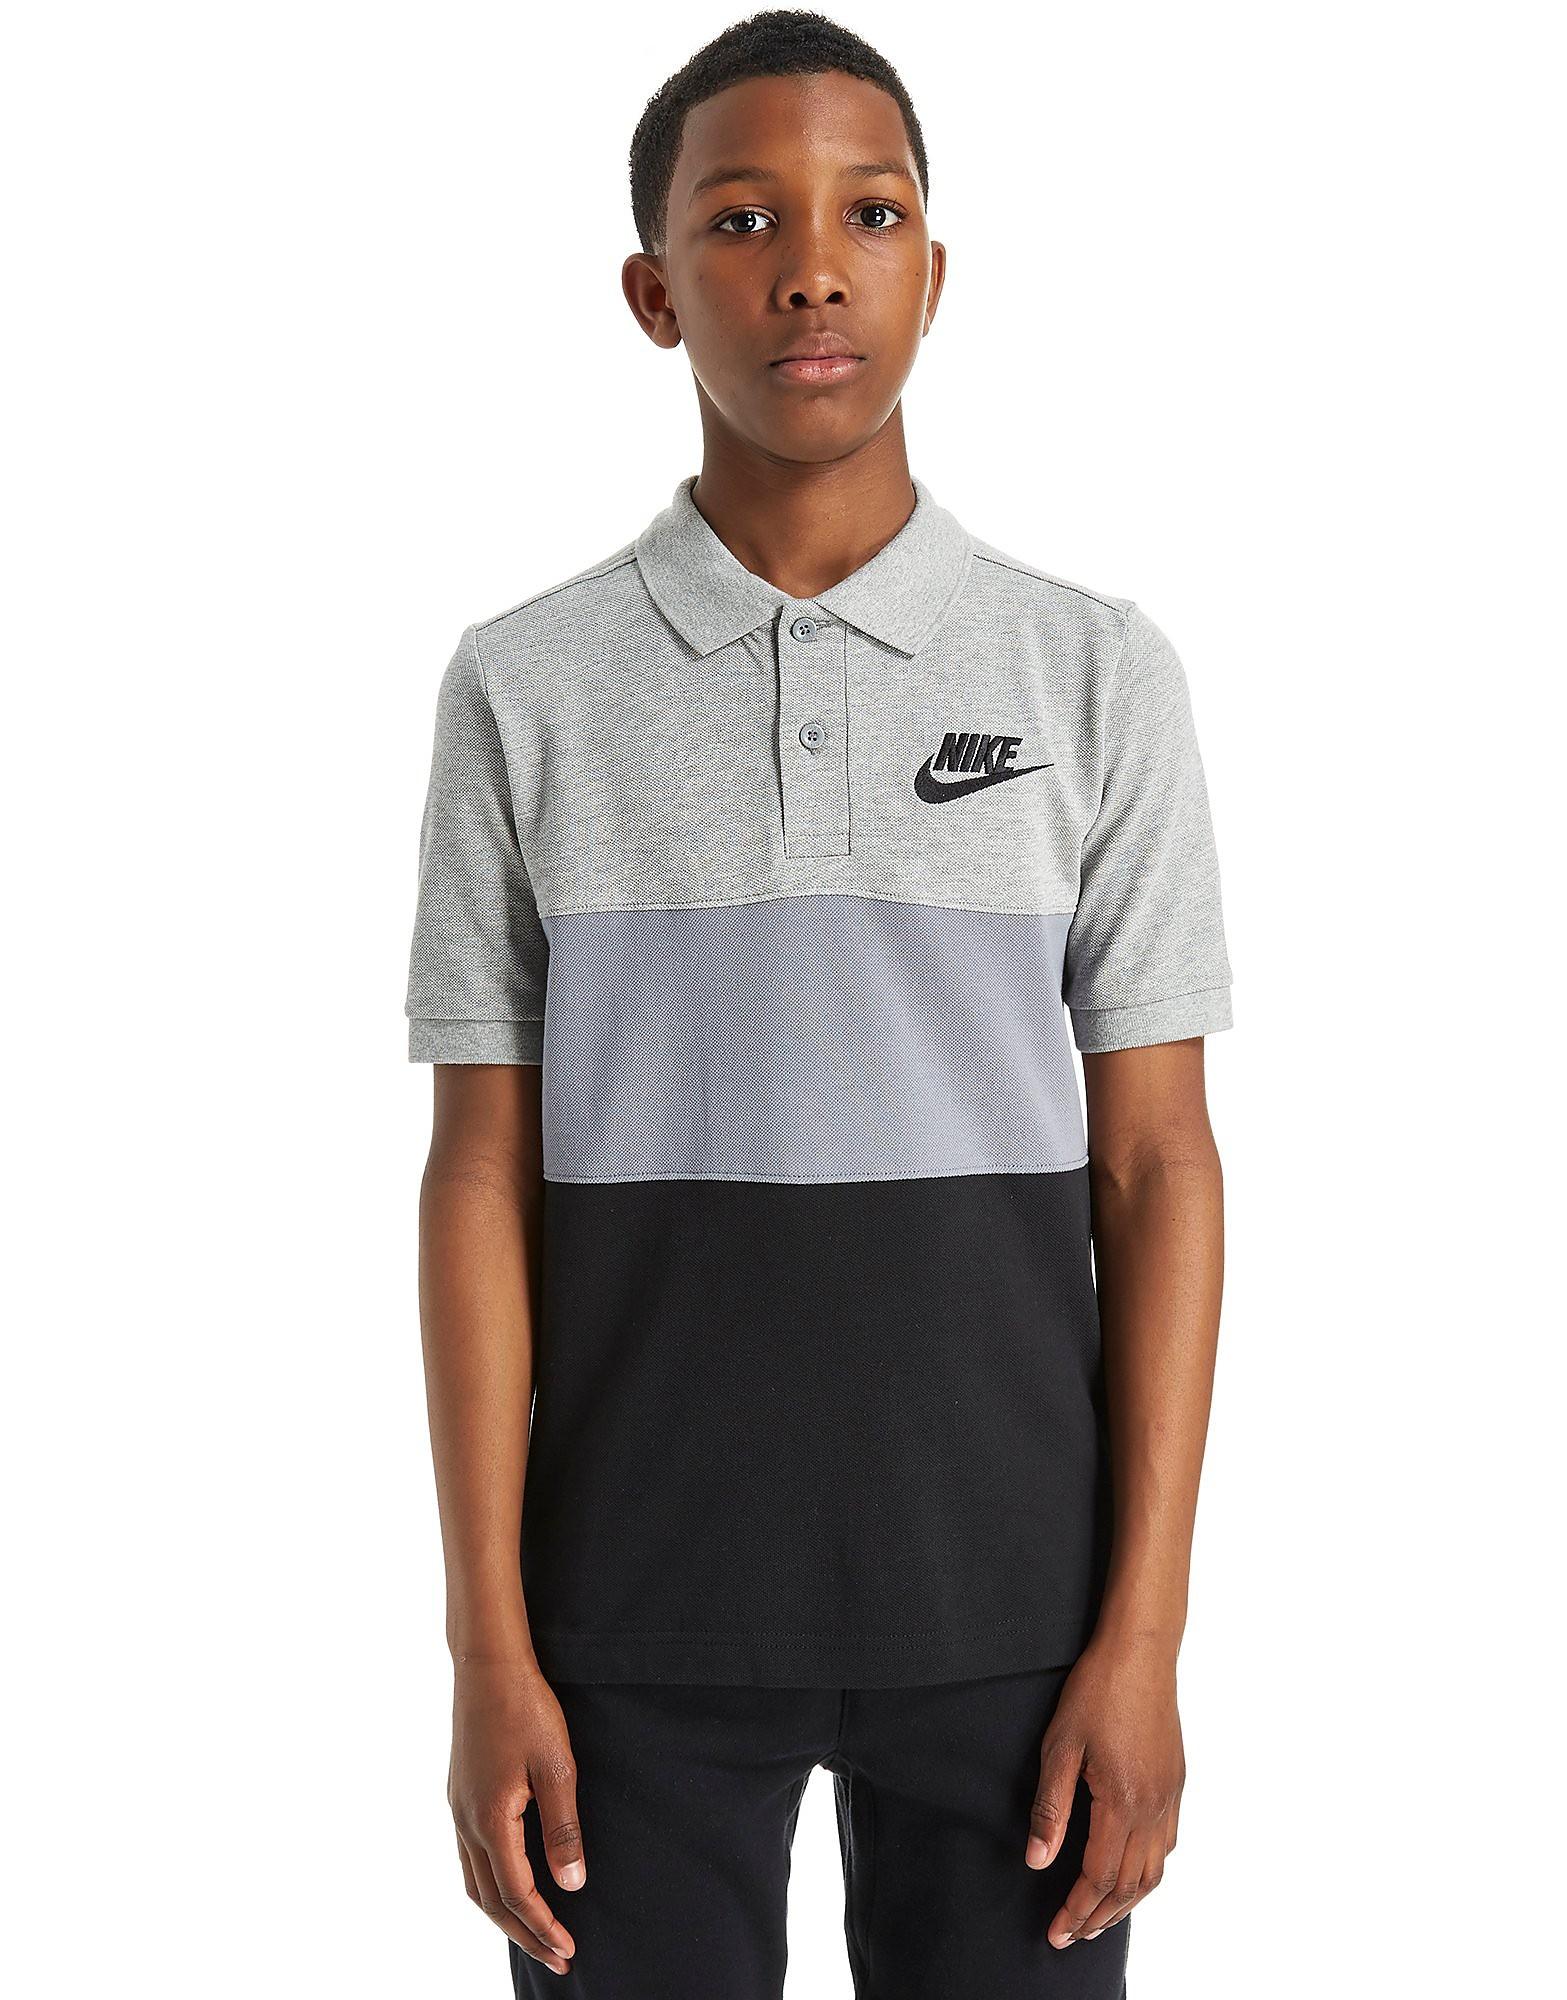 Nike Polo con franjas de color júnior